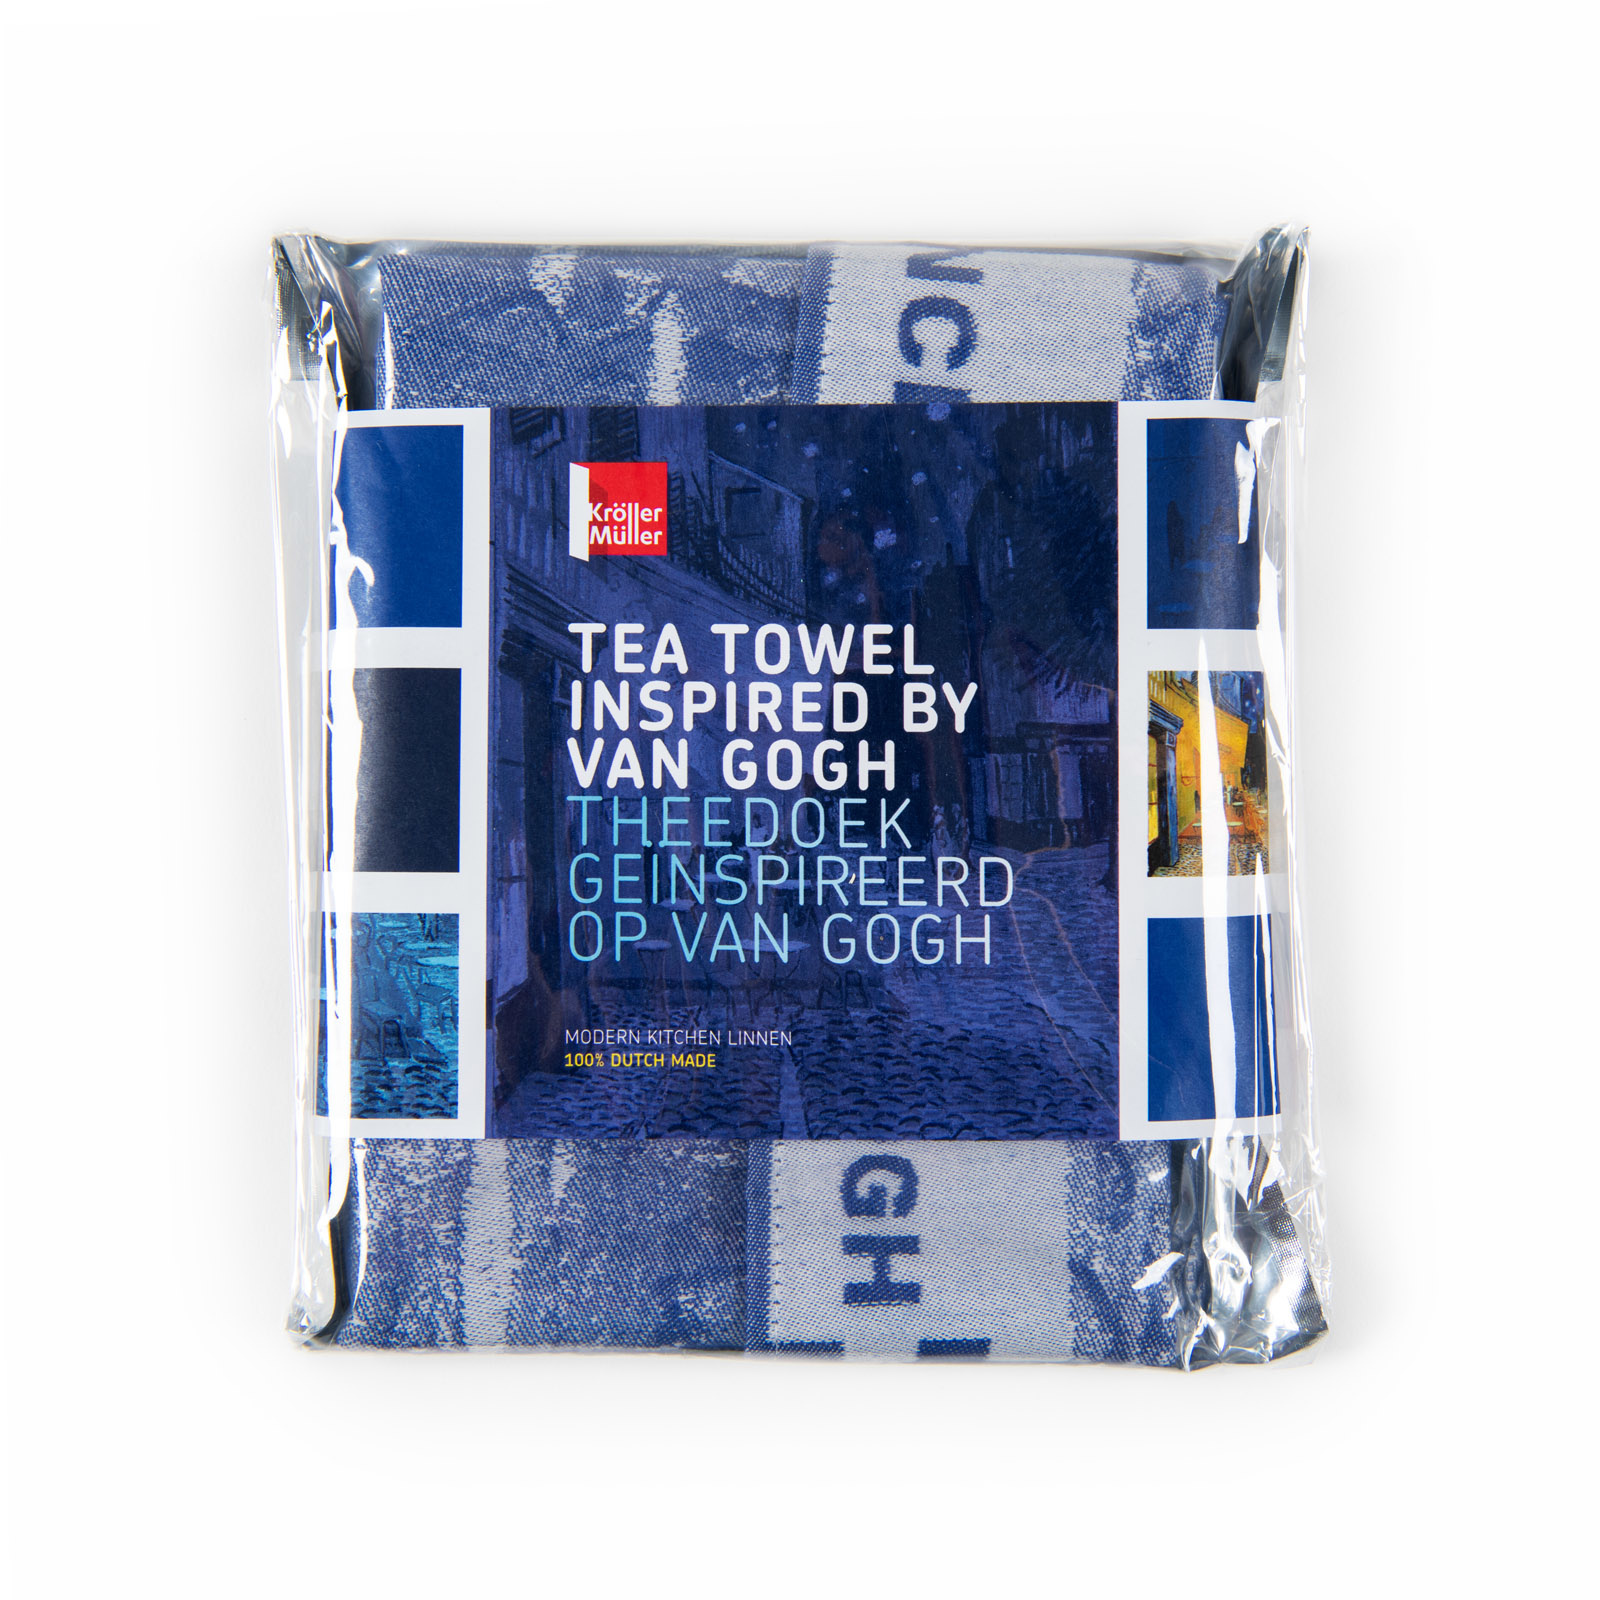 Tea Towel 'Terrace of a Café at Night' - Vincent van Gogh